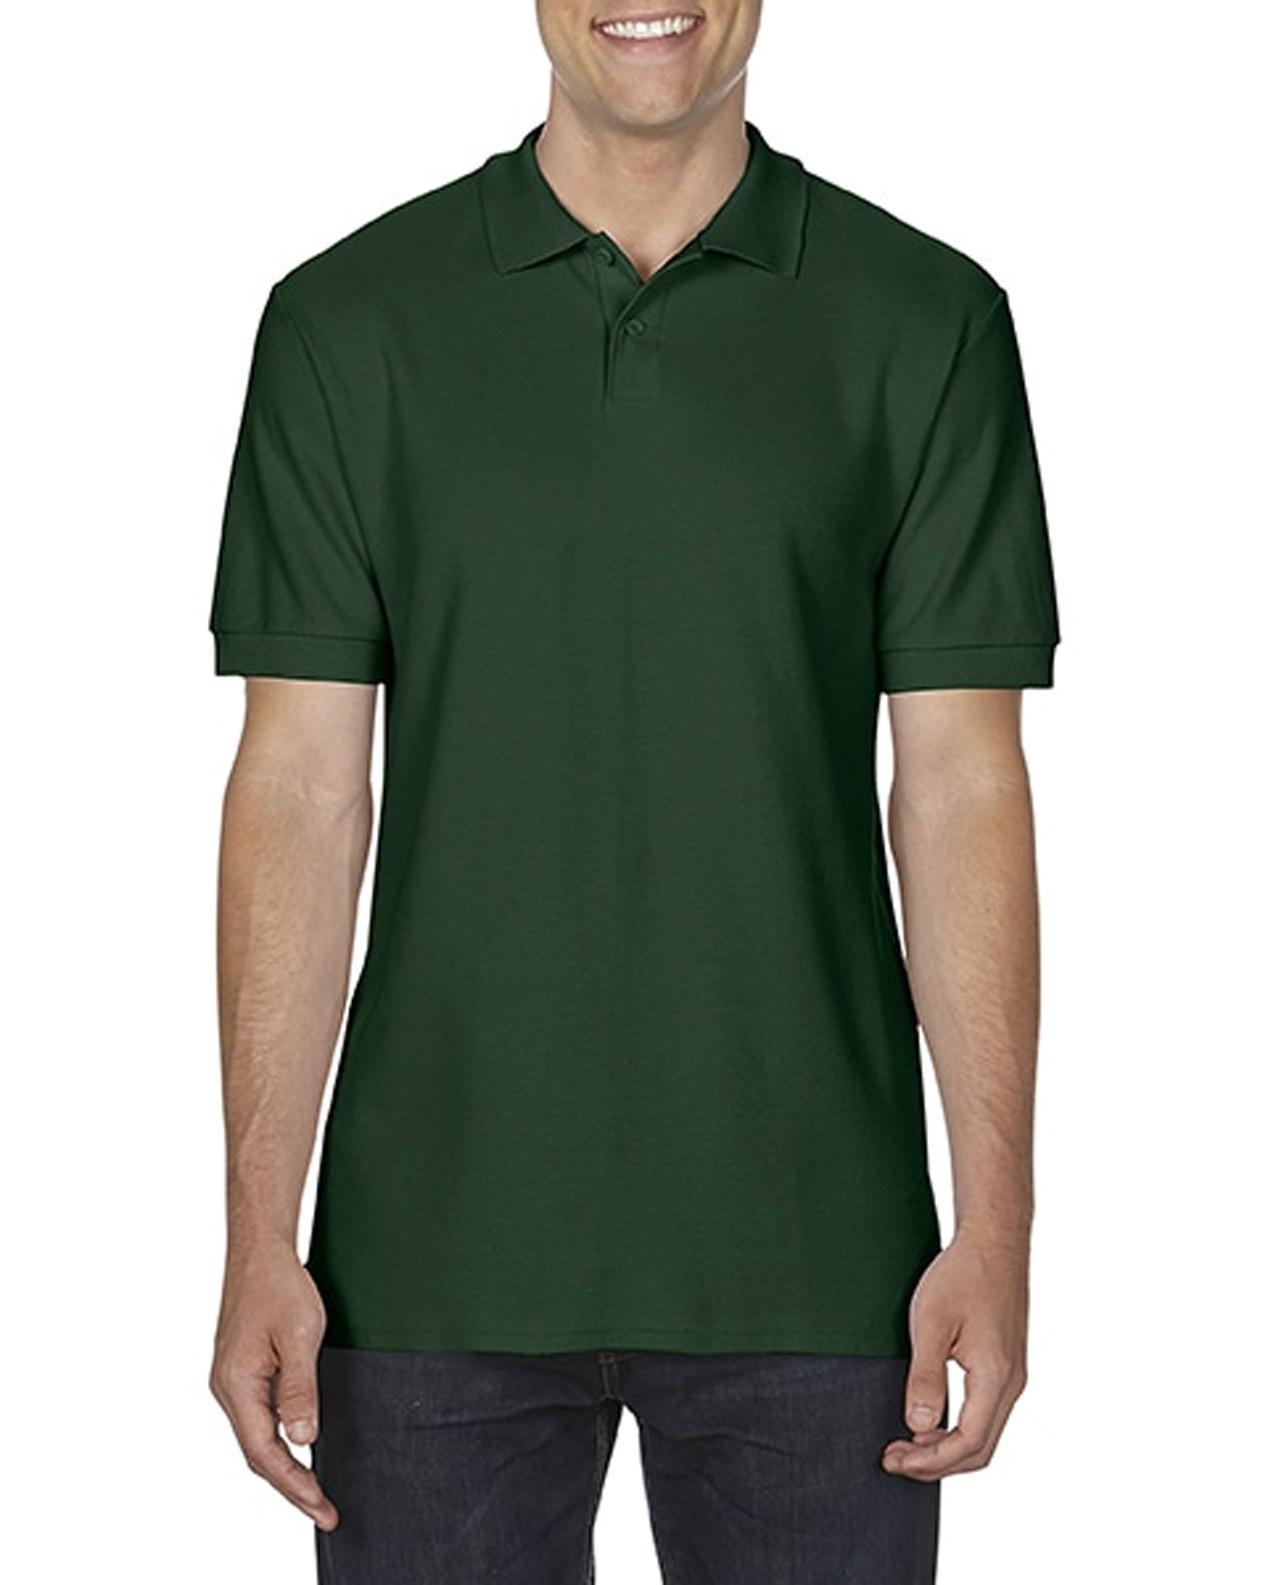 100 cotton Gildan polo shirt forestgreen